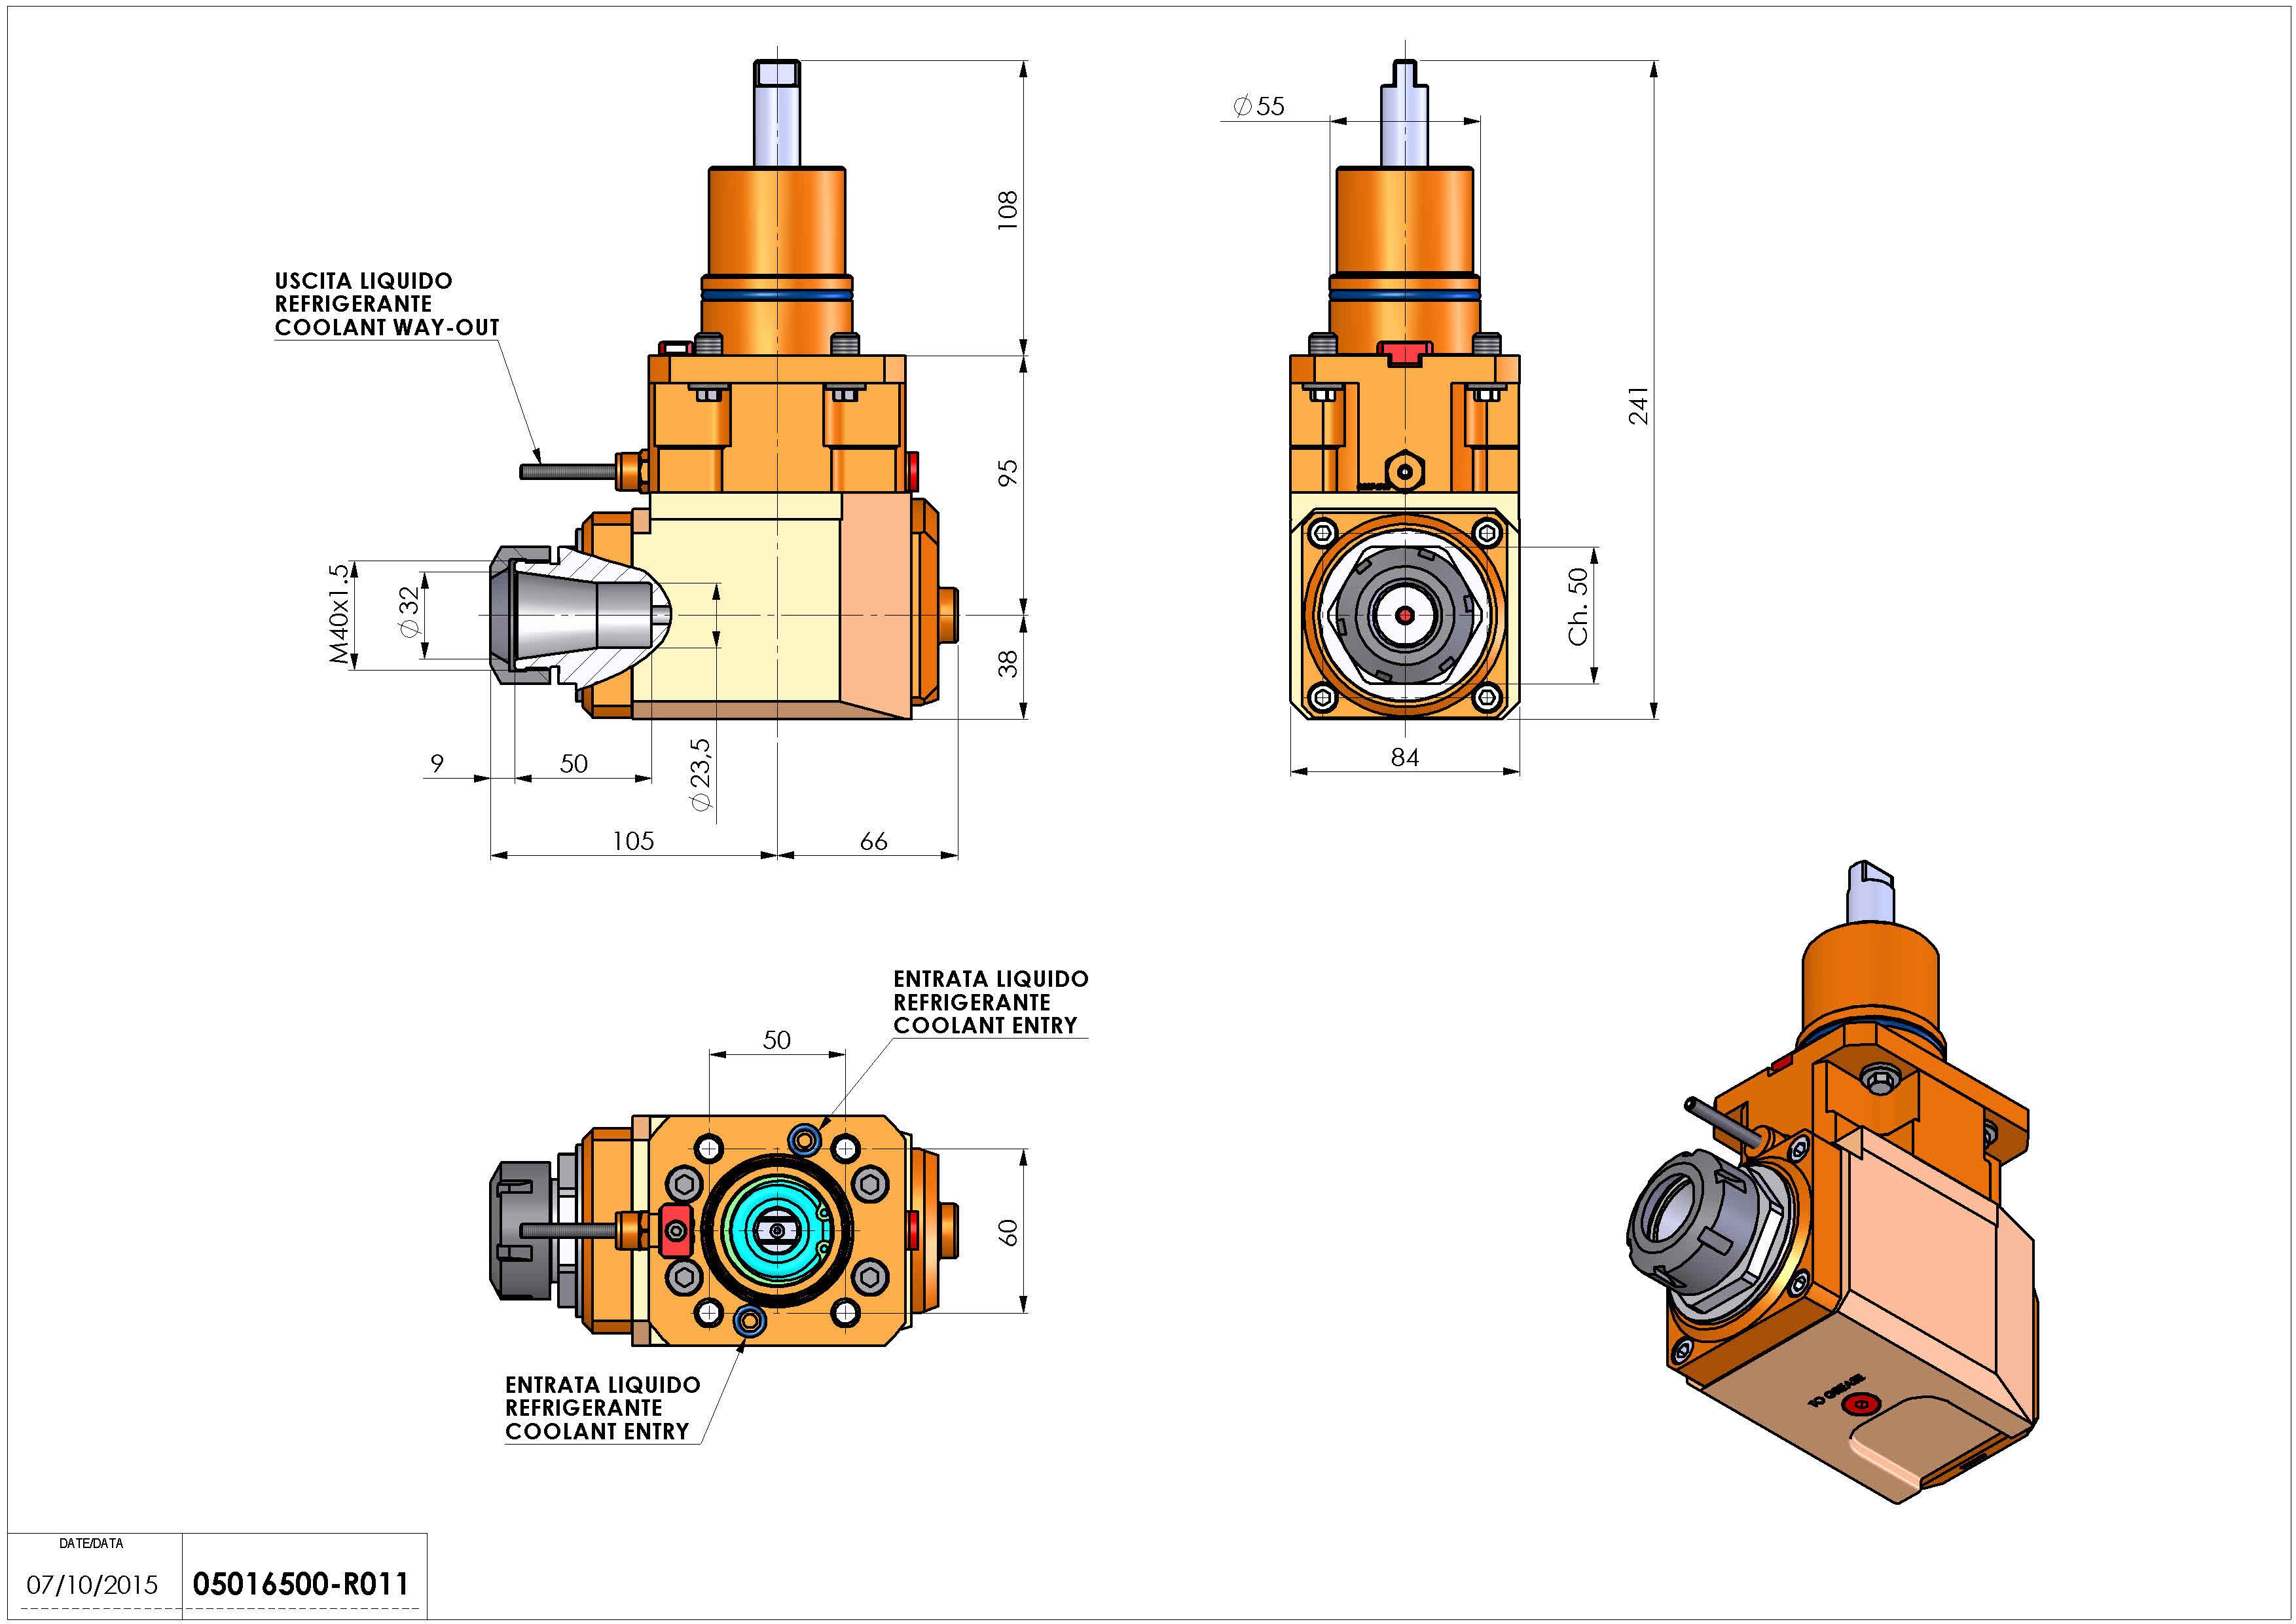 Technical image - LT-A D55 ER32 2:1 H95 NK.